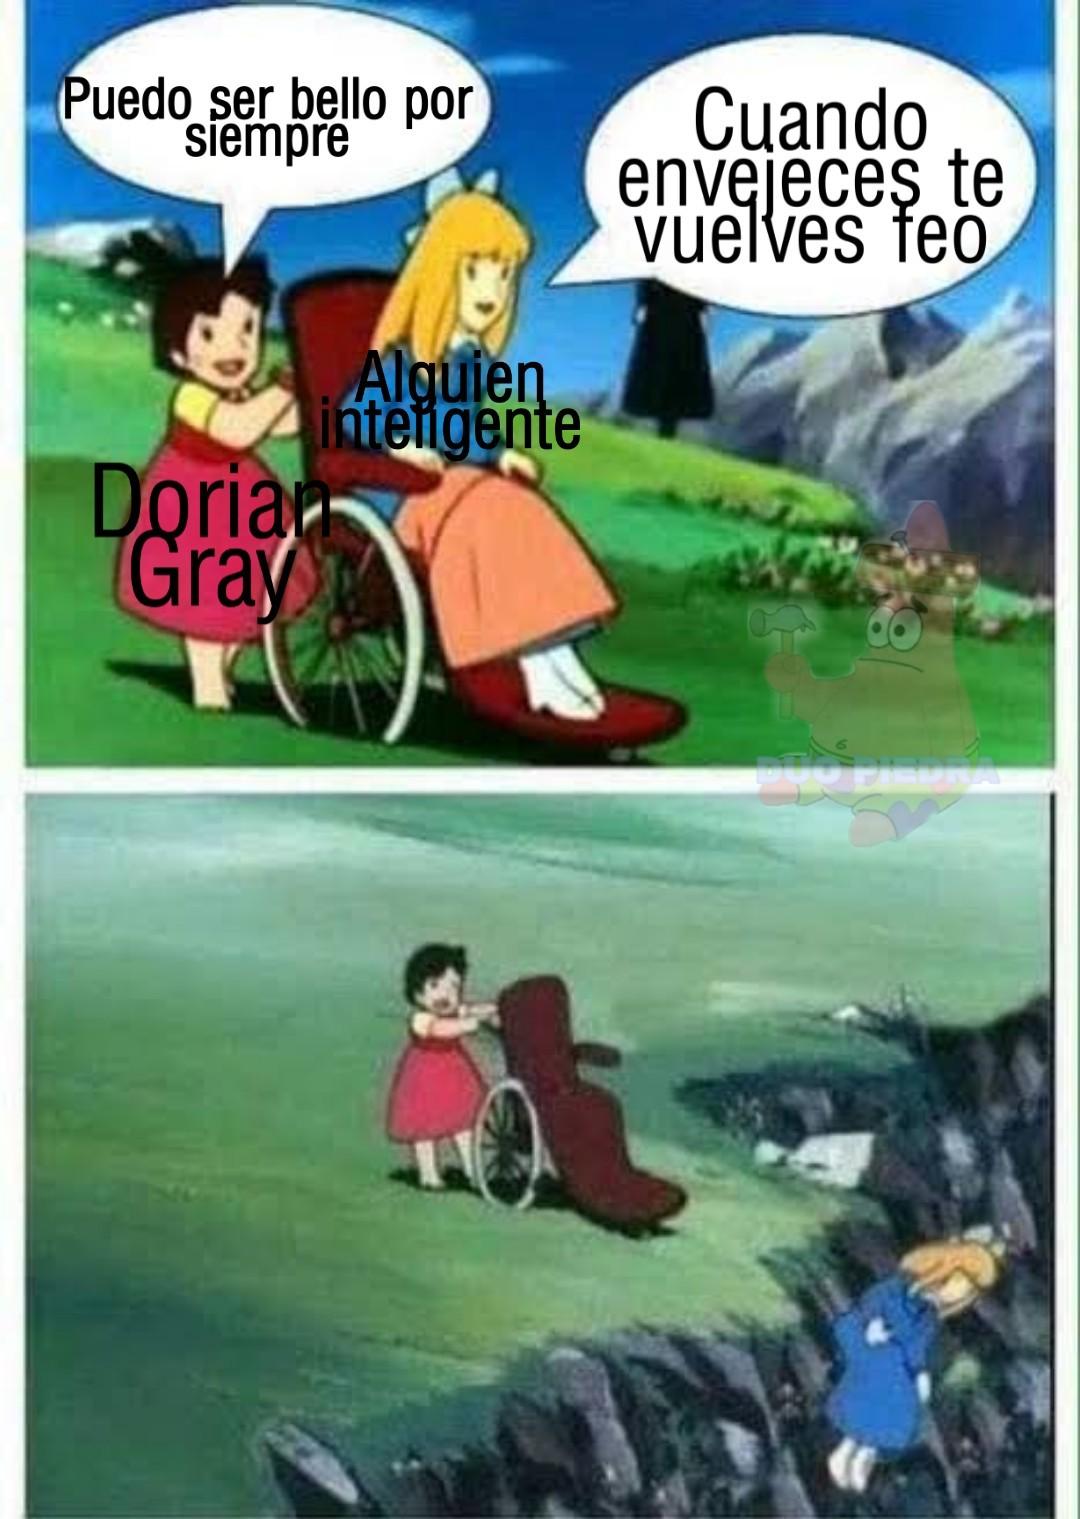 Vnet - meme